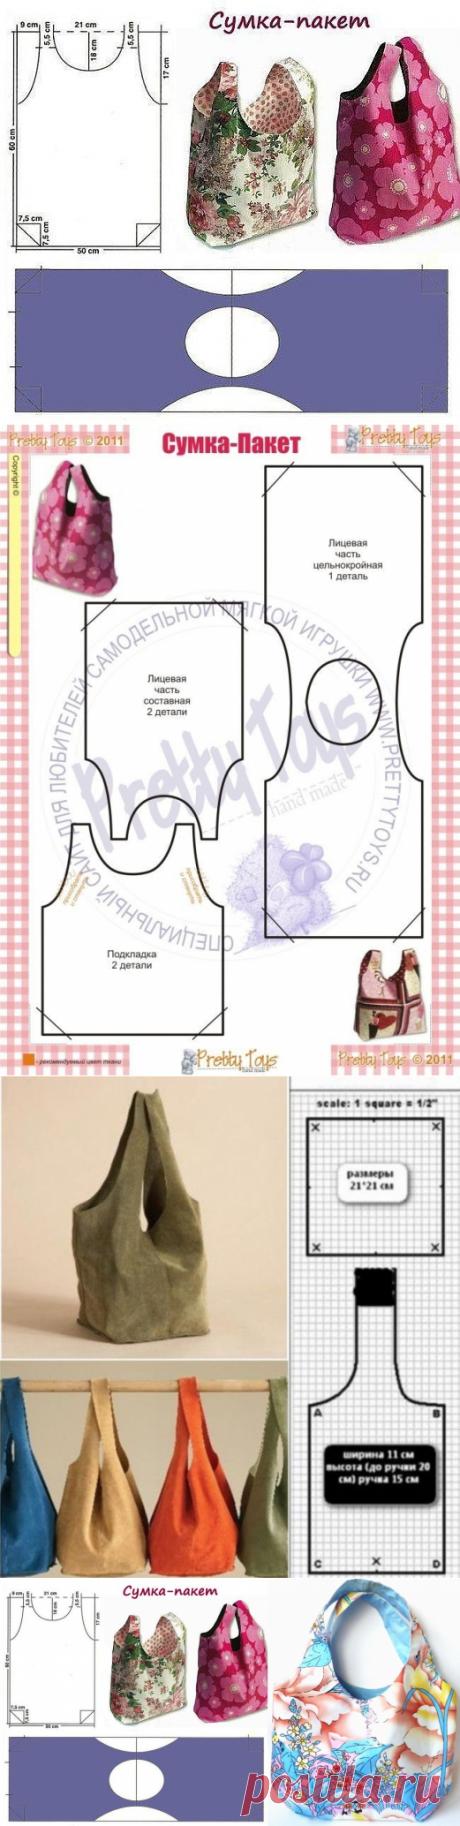 Шьем красивую большую сумку-пакет — Сделай сам, идеи для творчества - DIY Ideas